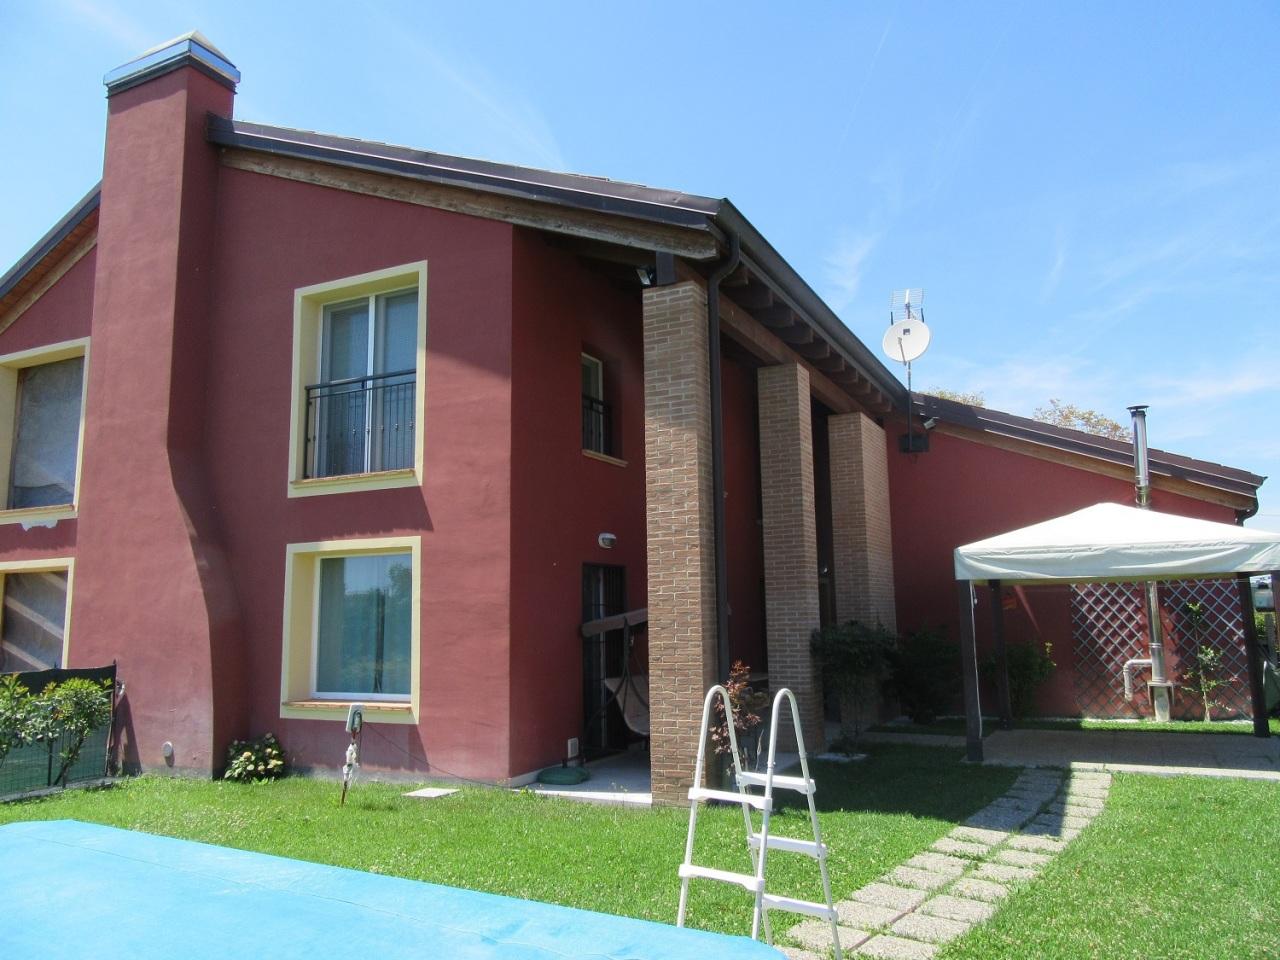 Villetta a schiera in vendita Rif. 4142072